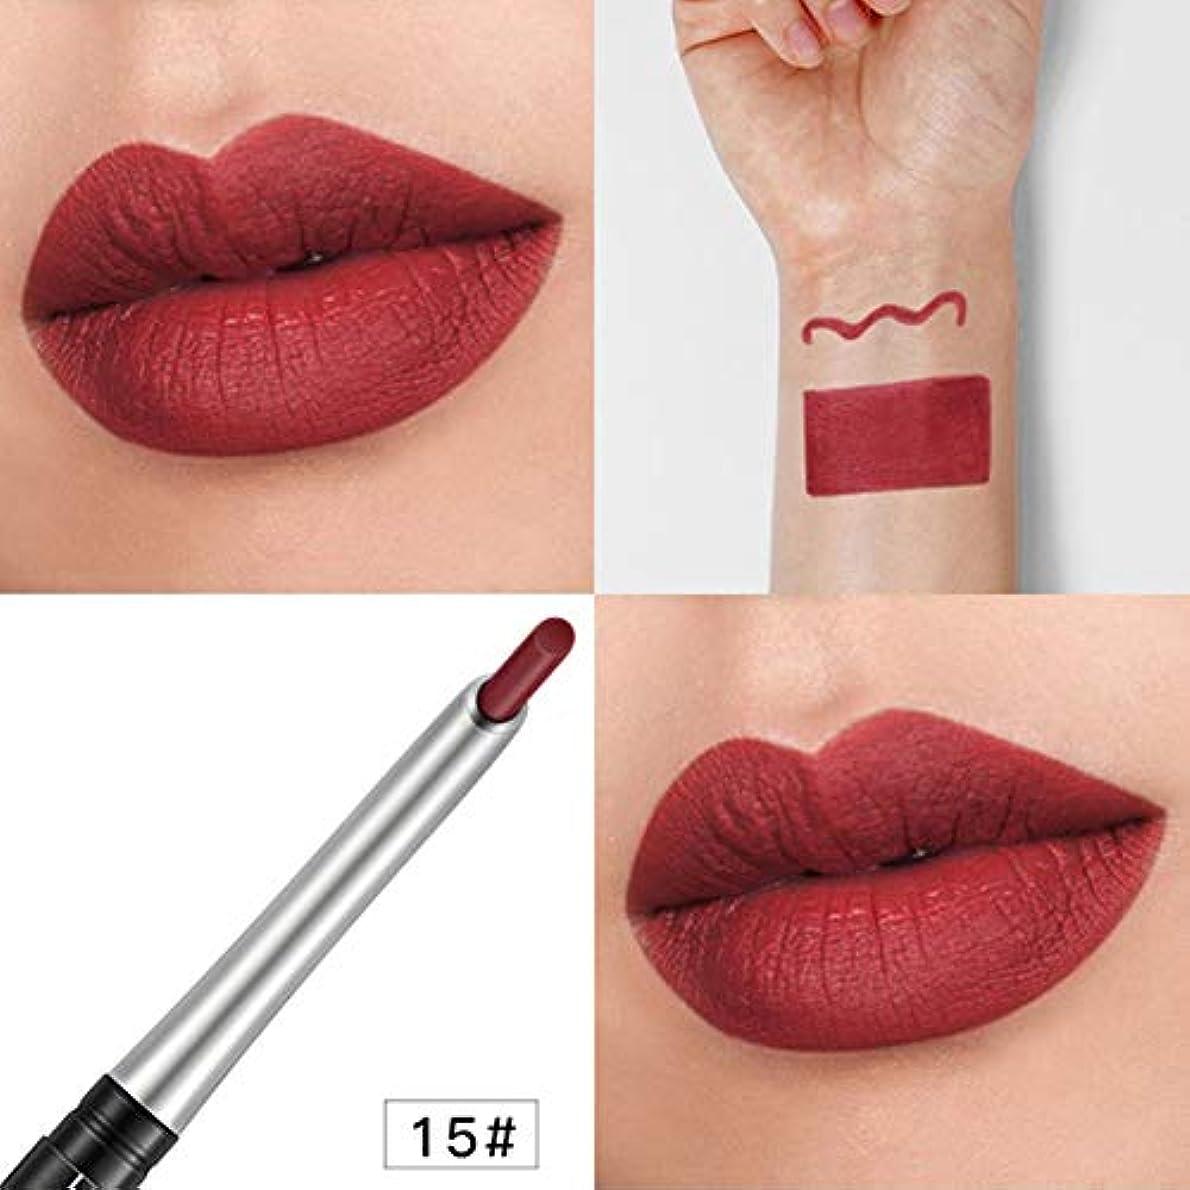 付属品ラベるMeterMall 女性のマットリップライナー防水口紅鉛筆長持ちLlipliner唇メイク 15#